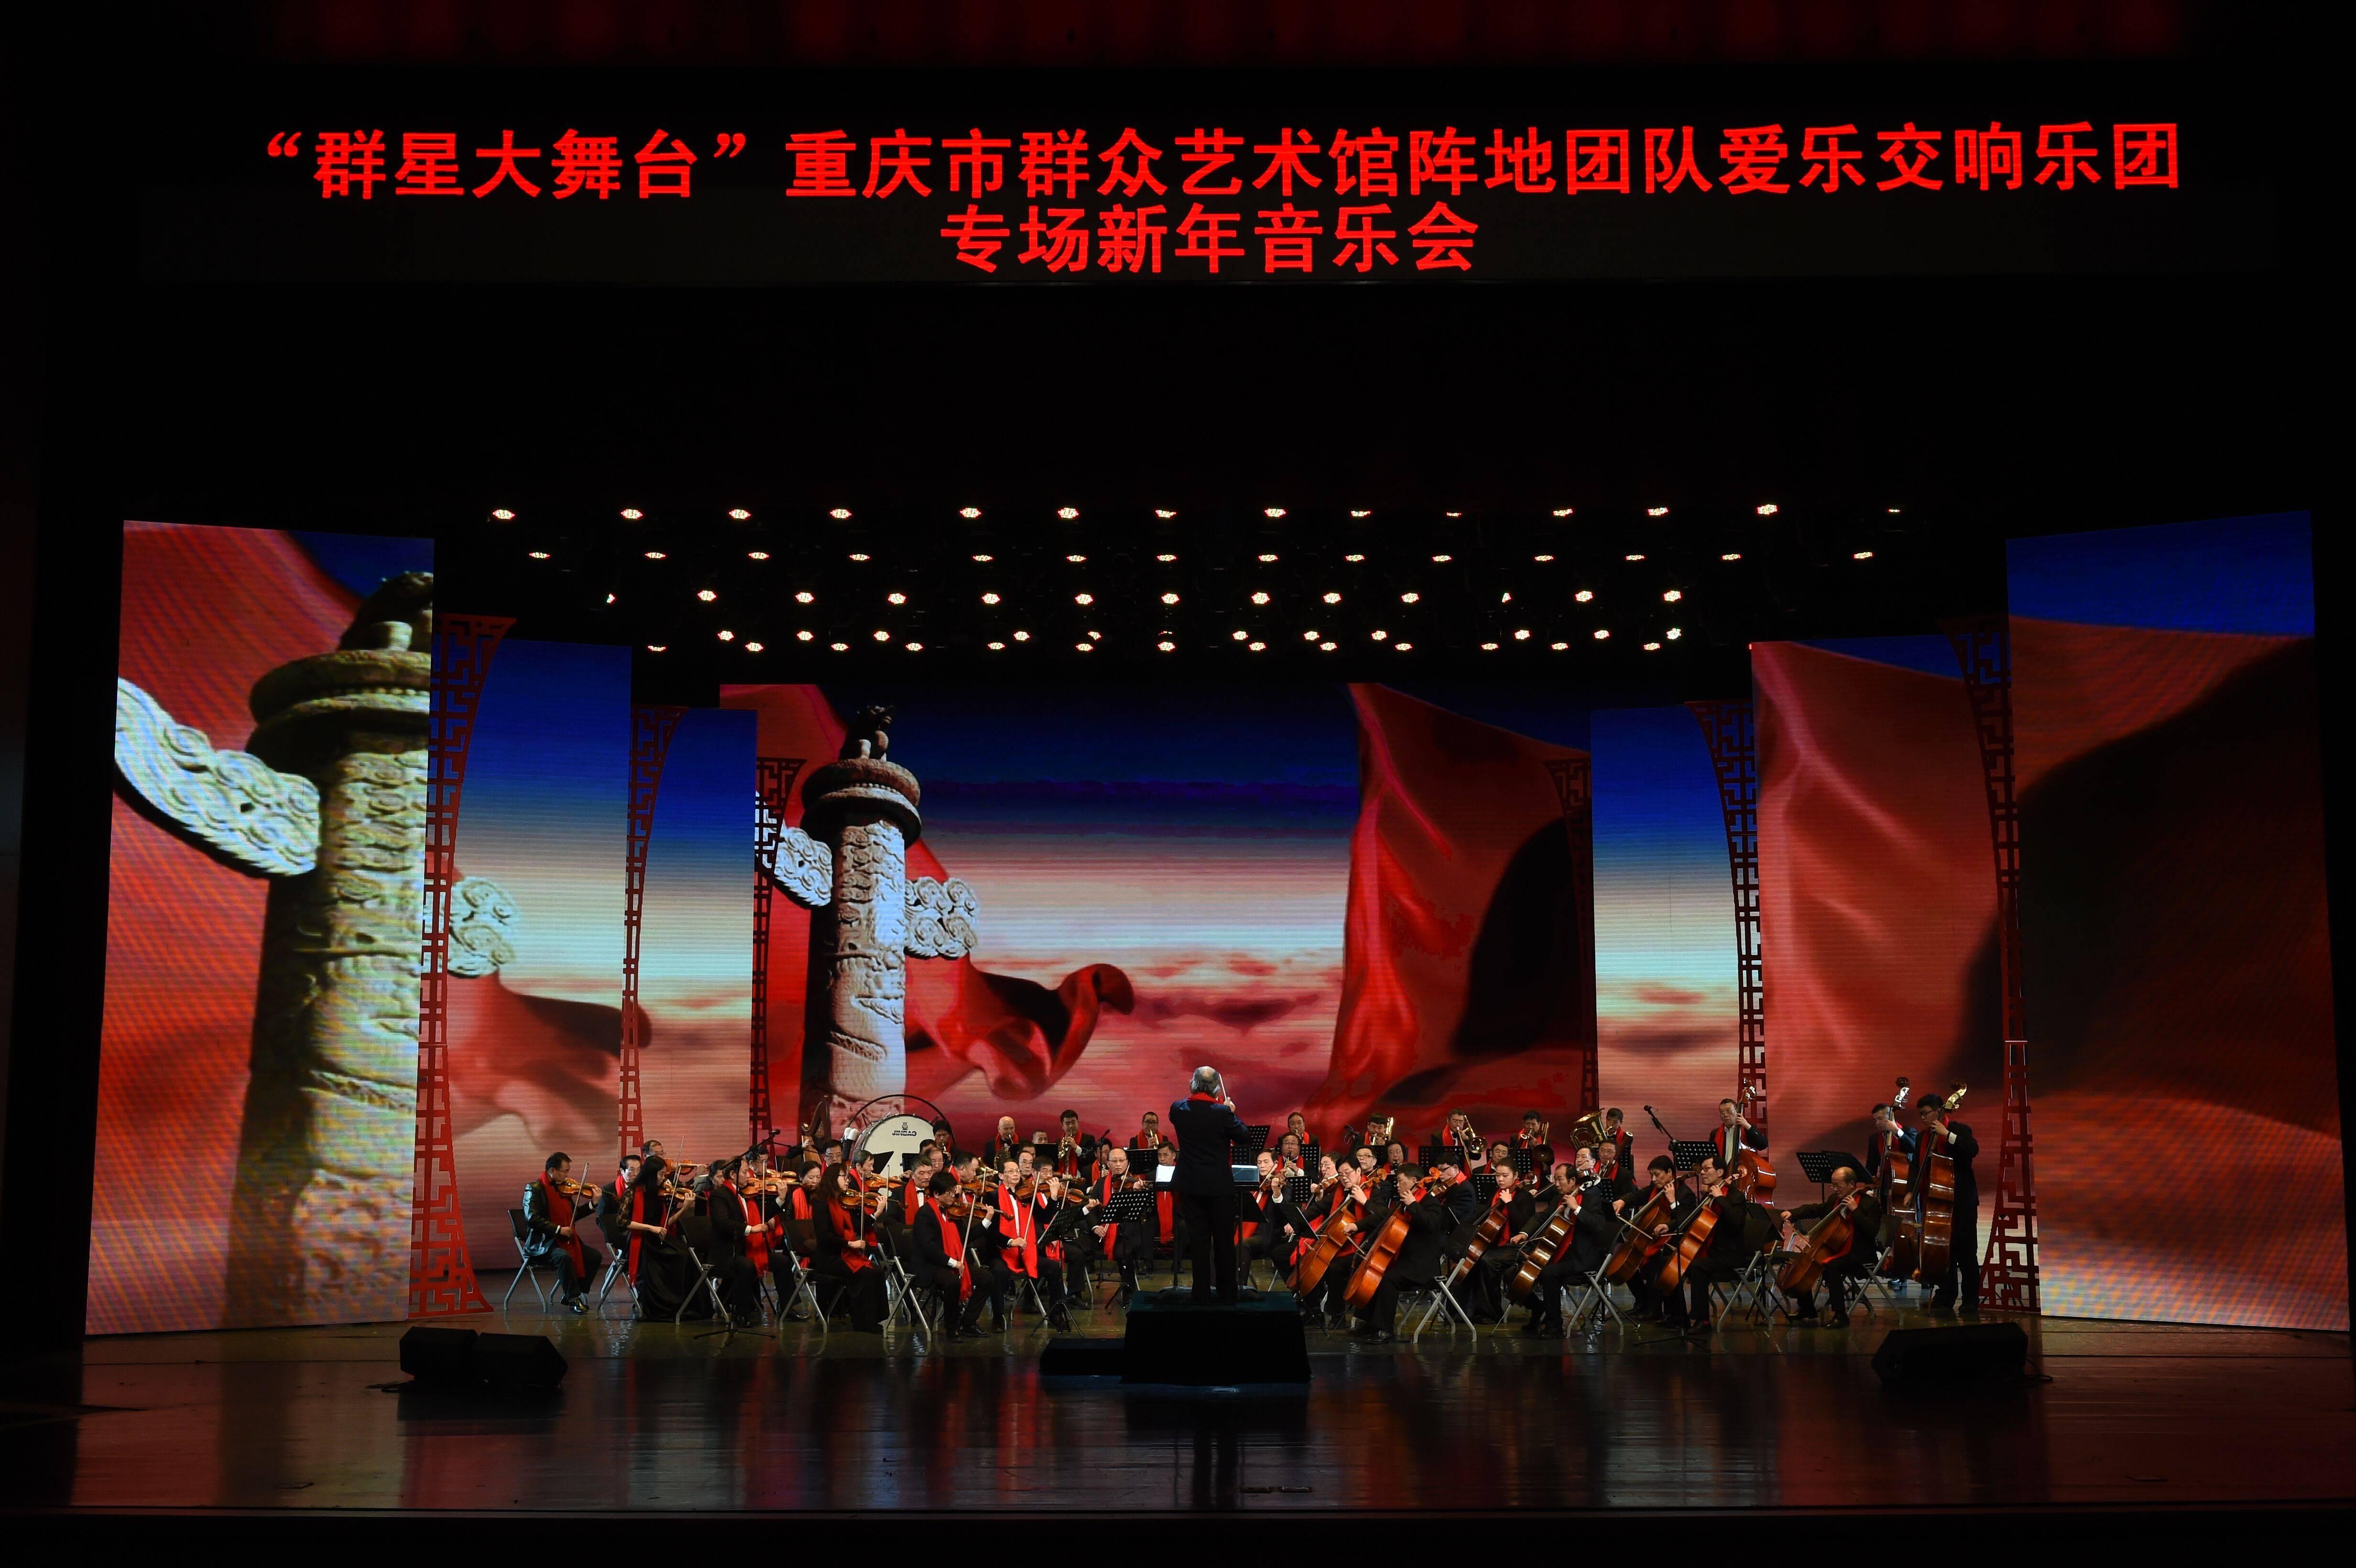 src=http___culturecloud.oss-cn-hangzhou.aliyuncs.com_beipiao_201914174055GAf7M85nndkg6IgjiiHdZt9REp1dWh.jpg&refer=http___culturecloud.oss-cn-hangzhou.aliyuncs.jpg